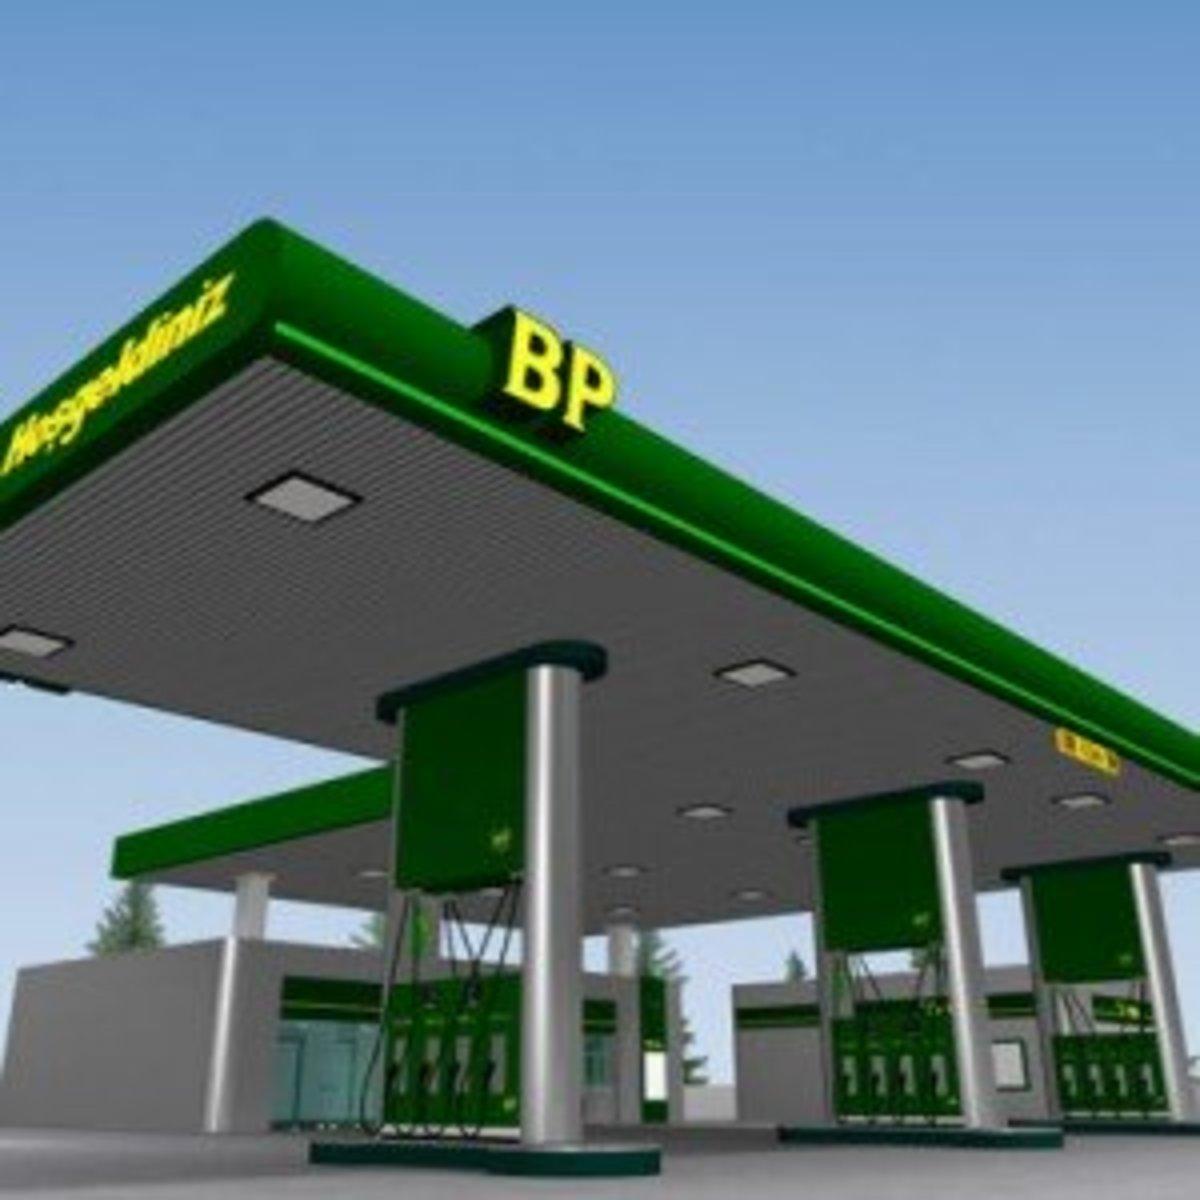 BP - British Petroleum Gasoline